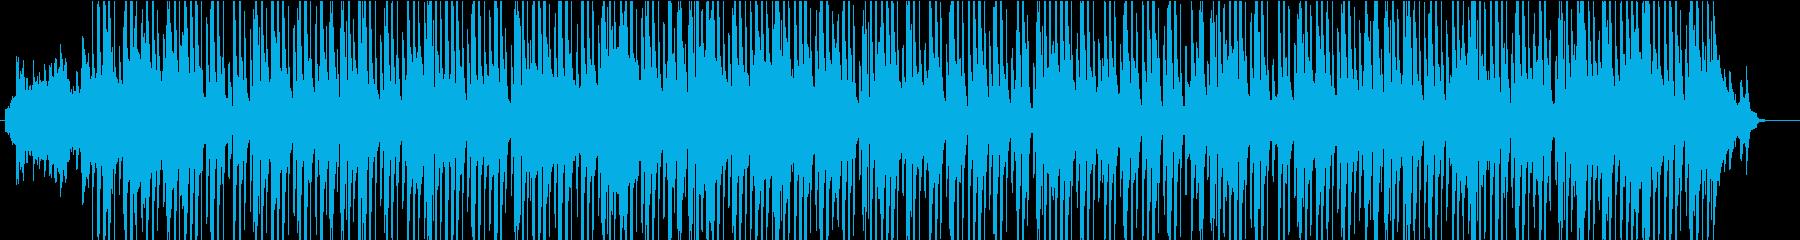 ノリのいい和の雰囲気をもったポップスの再生済みの波形